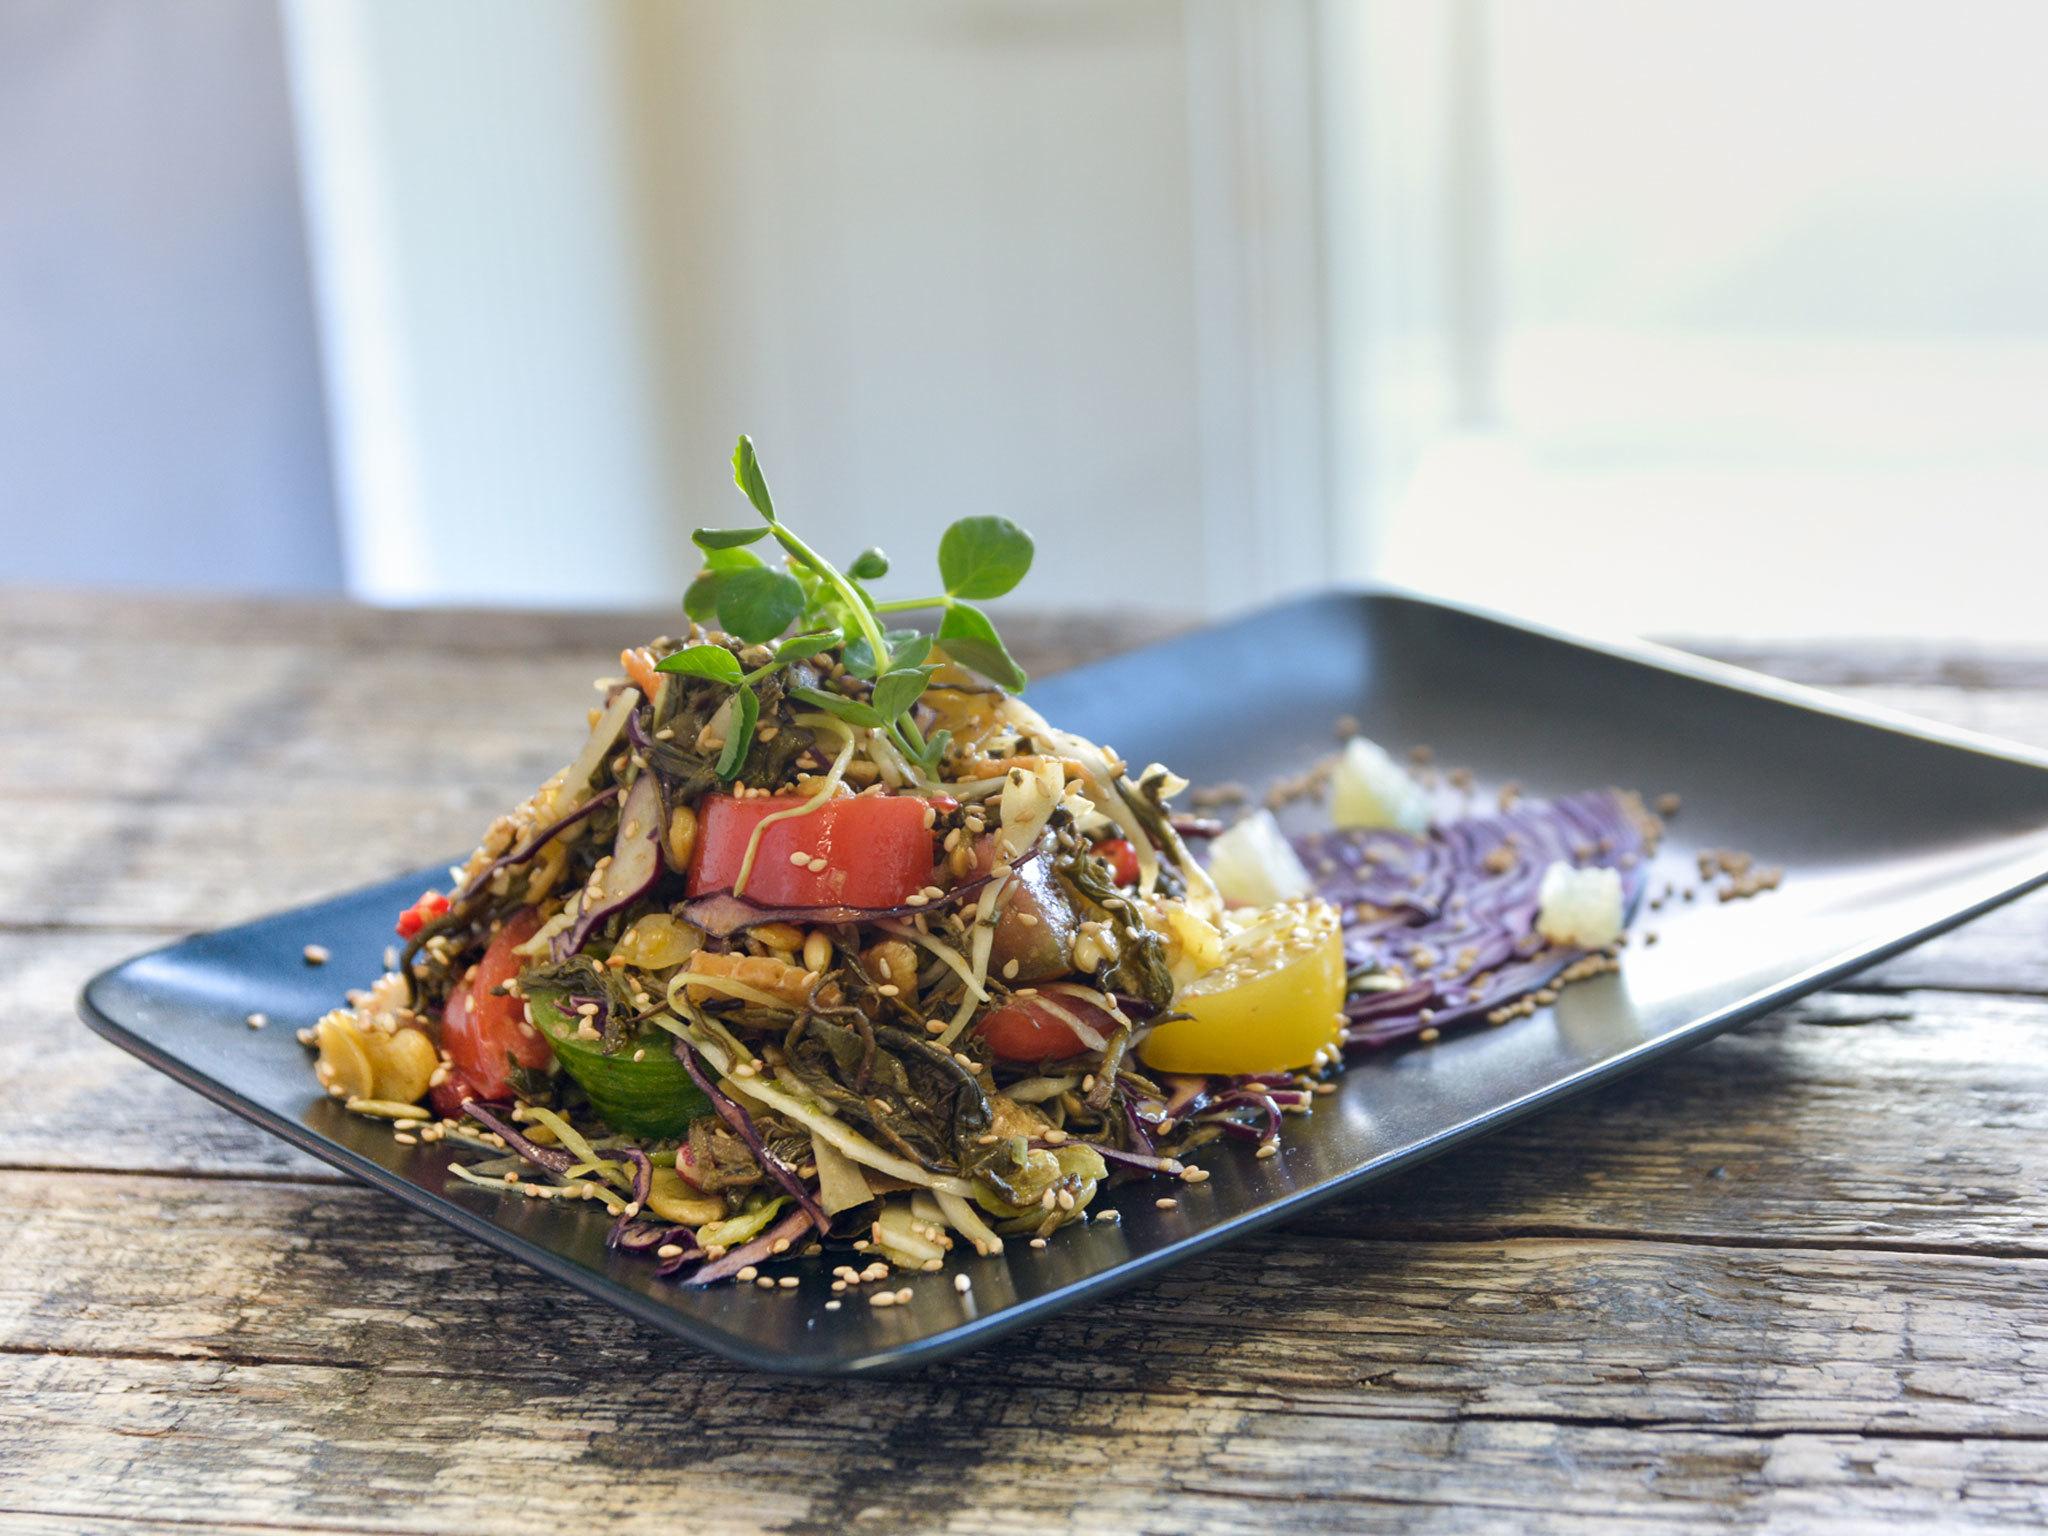 Tea leaf salad at Lahpet